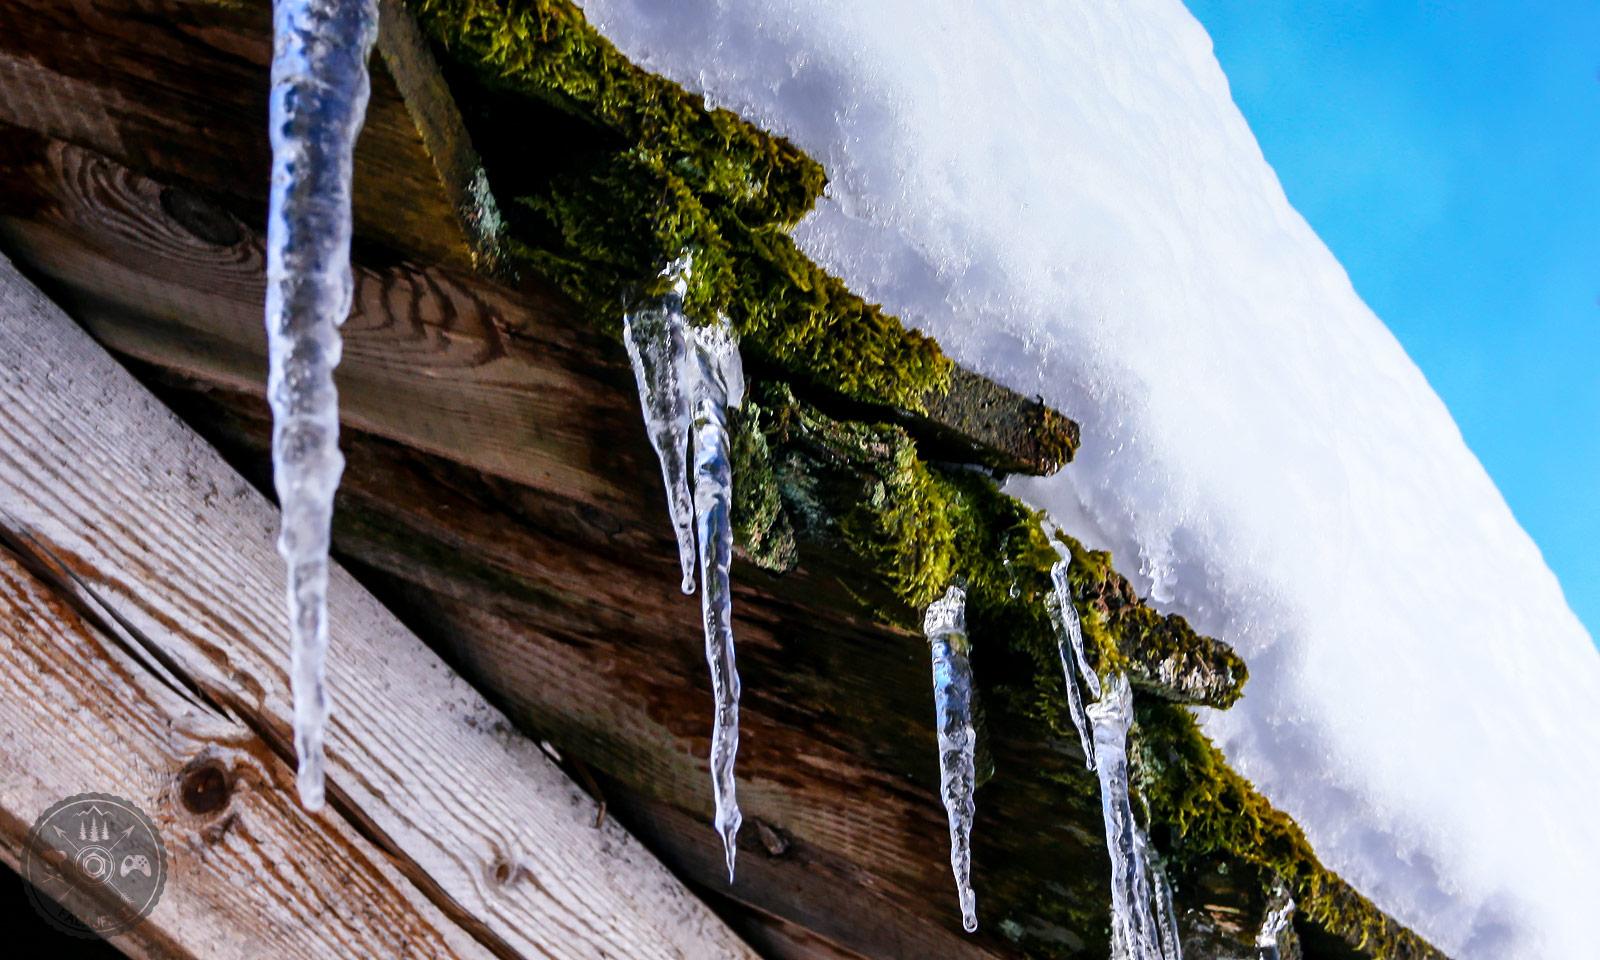 jezersko-plansarsko-jezero-zima-slika07  91dc0c21419